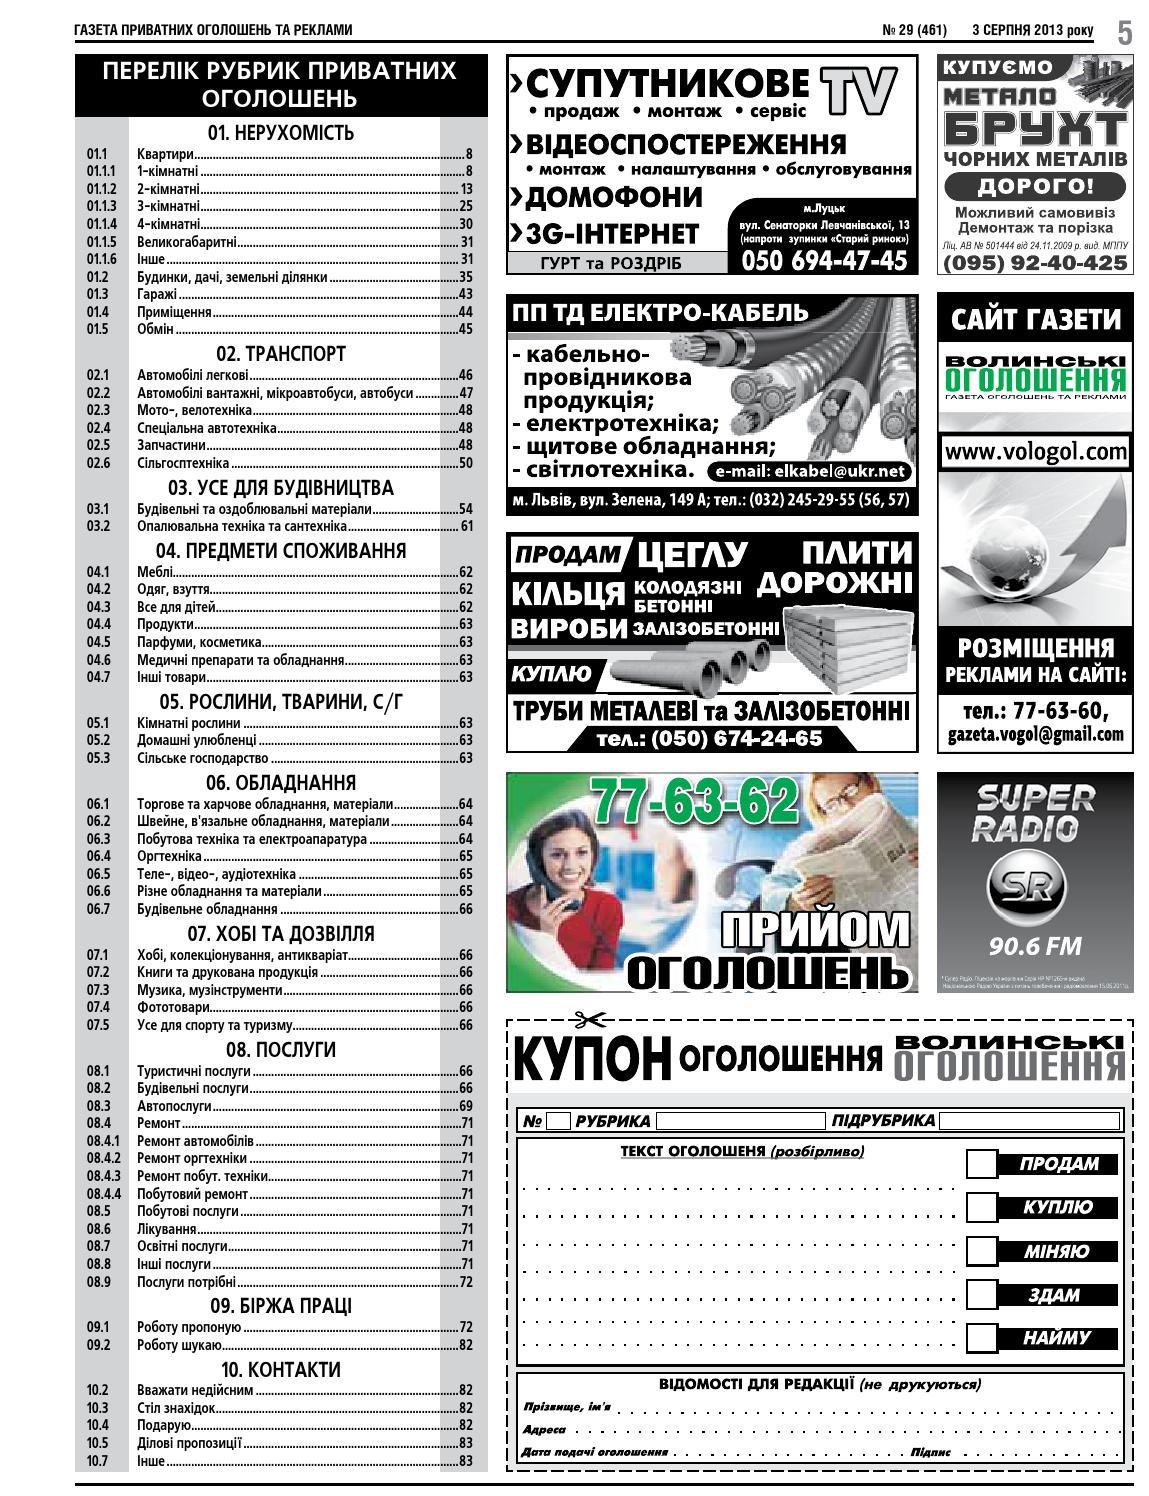 Волинські оголошення №29 by Роман - issuu 0ba55db74db7e